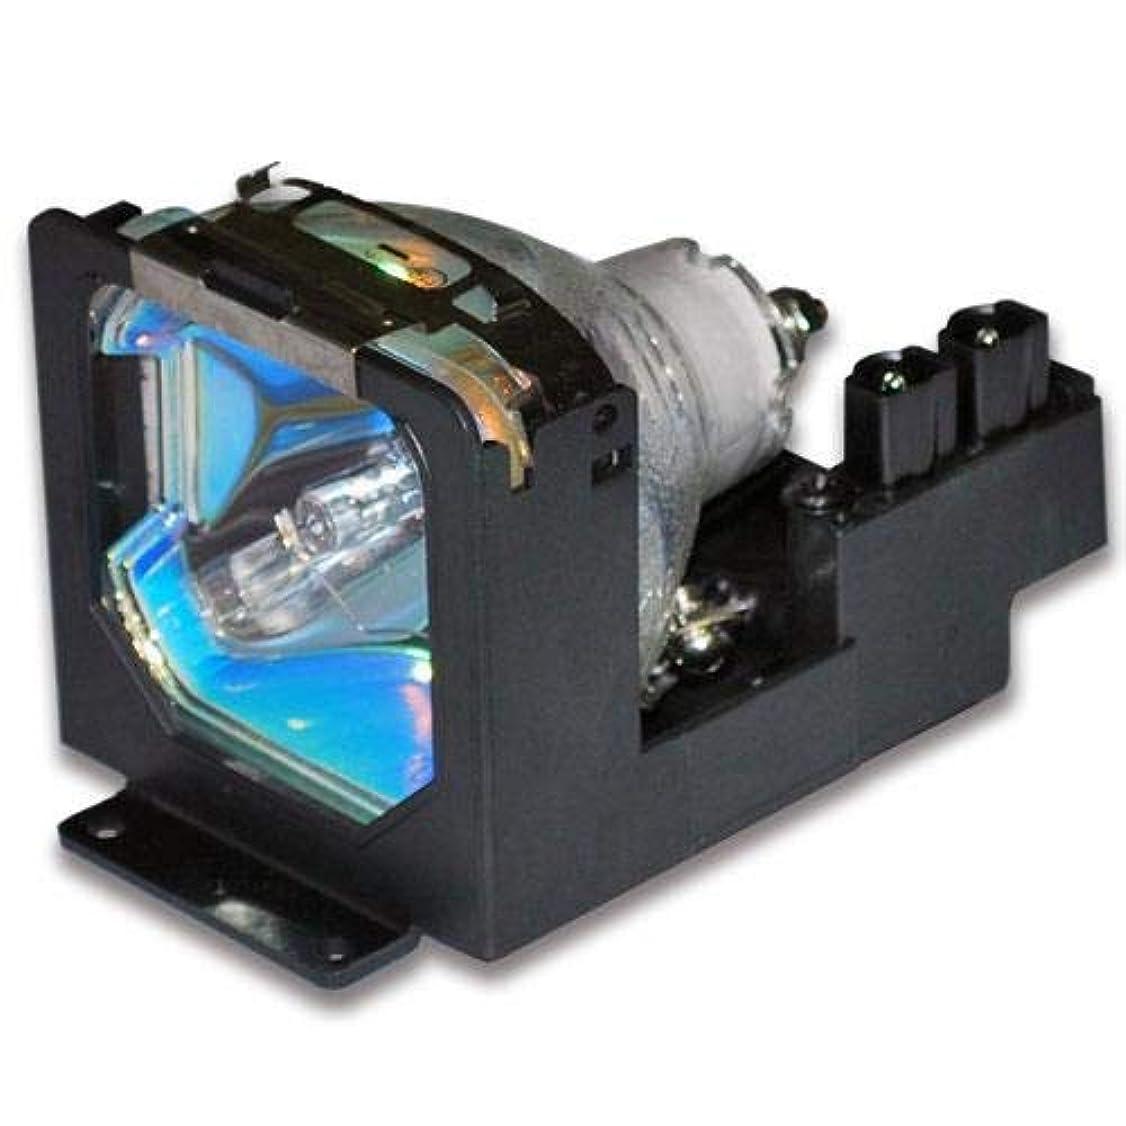 線形放射能空のBlackloud Sanyo 6102898422 プロジェクター交換用ランプ 汎用 150日間安心保証つき